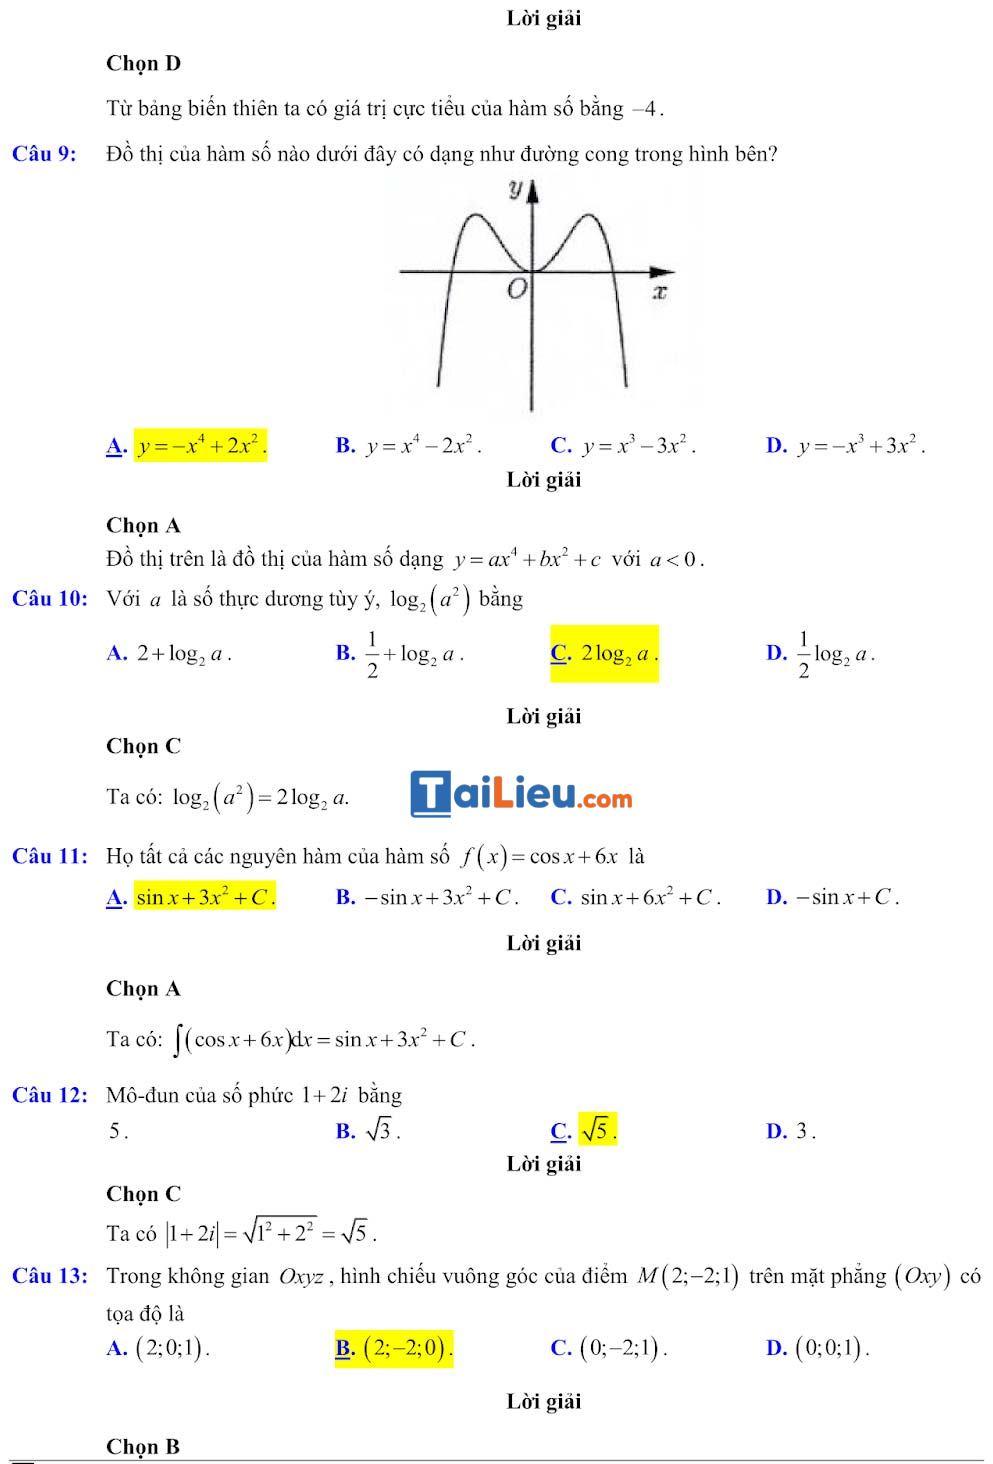 Đáp án đề minh họa thi thpt quốc gia môn toán 2020 lần 1_3